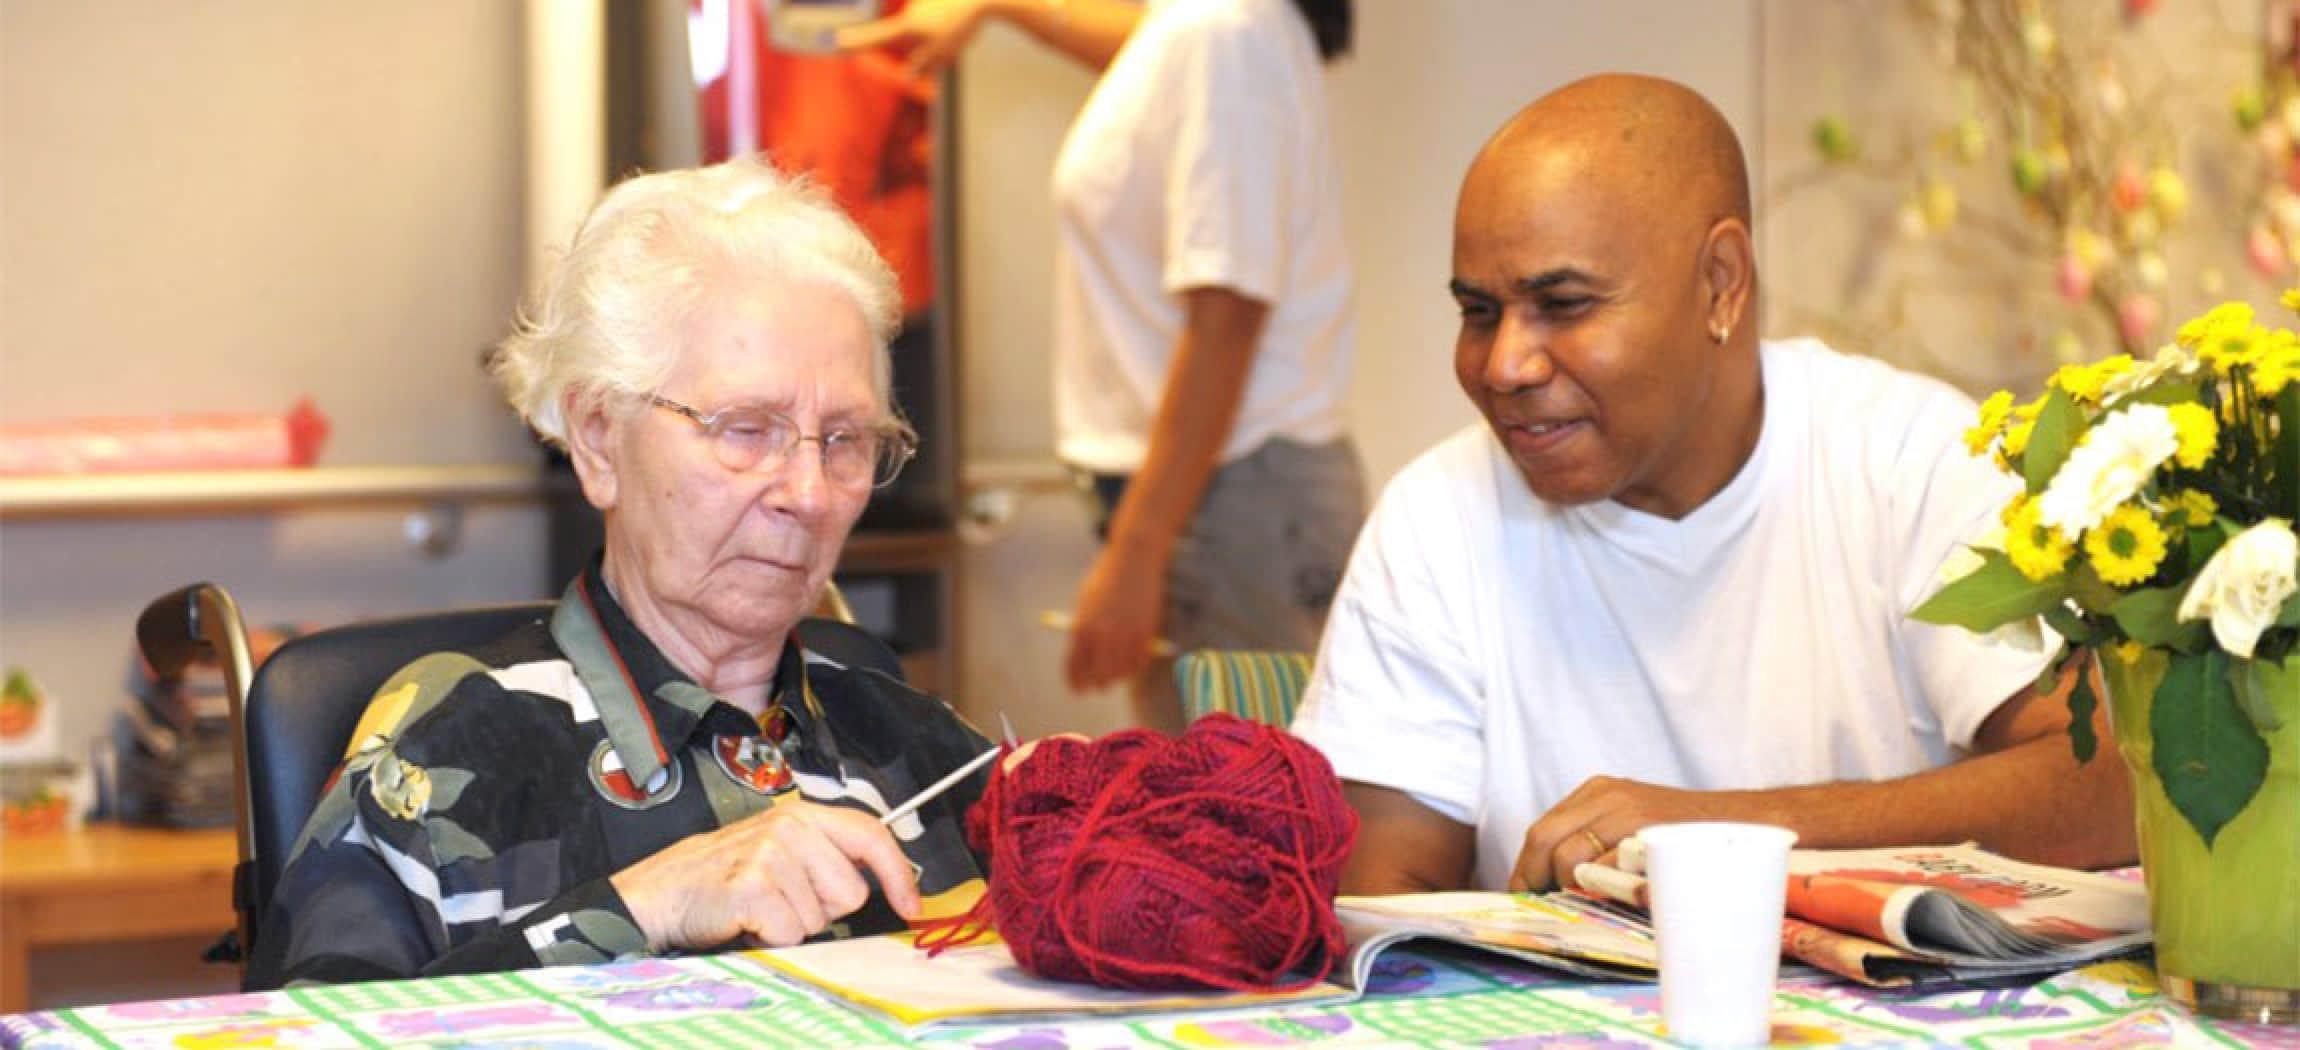 Mannelijke verzorgende kijkt naar oude vrouw met breiwerk en bol wol